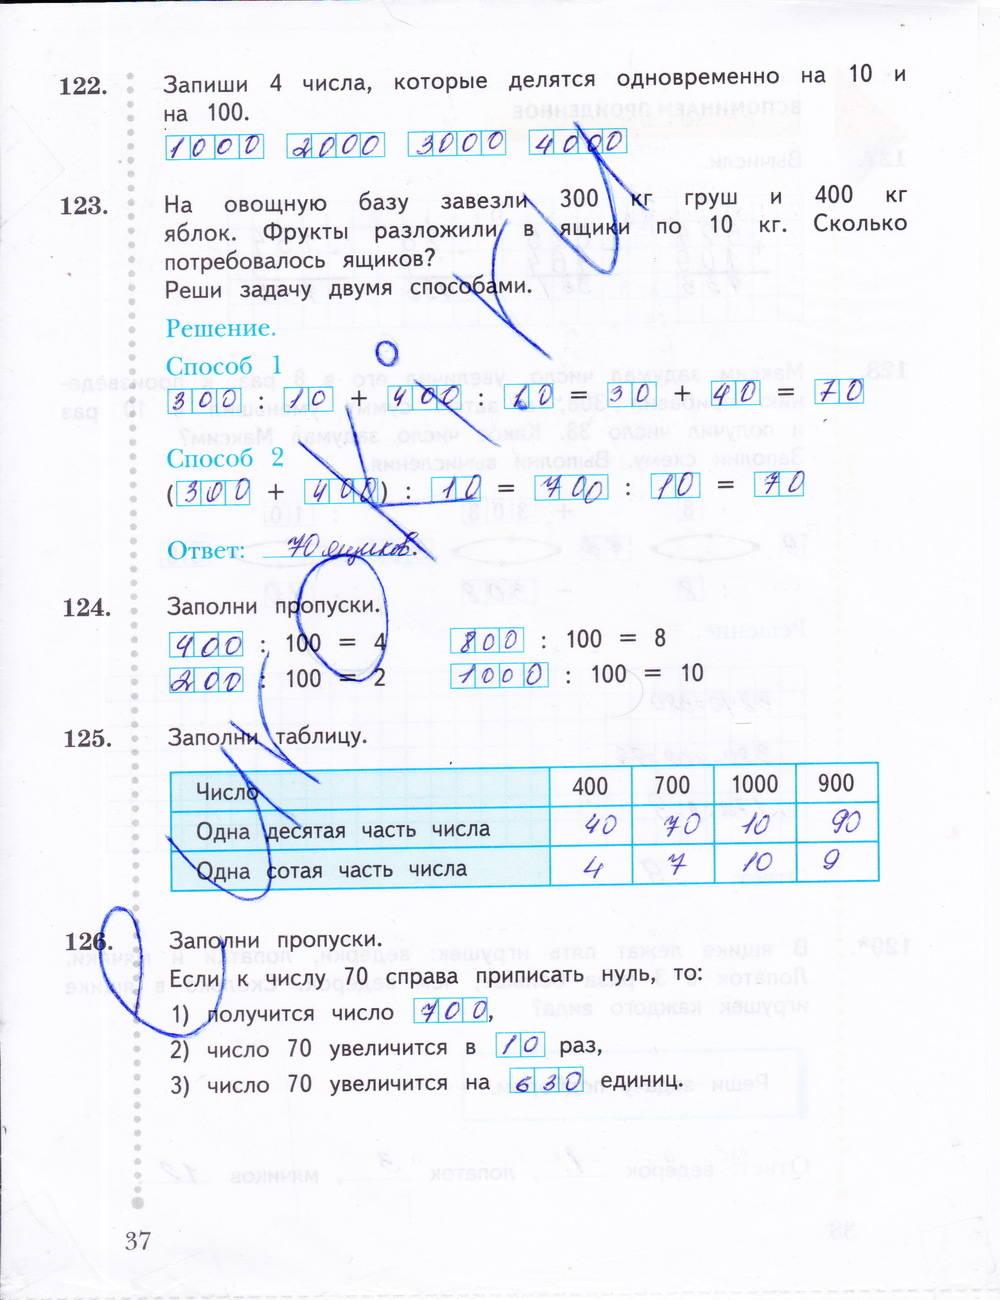 Гдз по математике 6 класс рабочая тетрадь по контрольным работам рудницкая 2